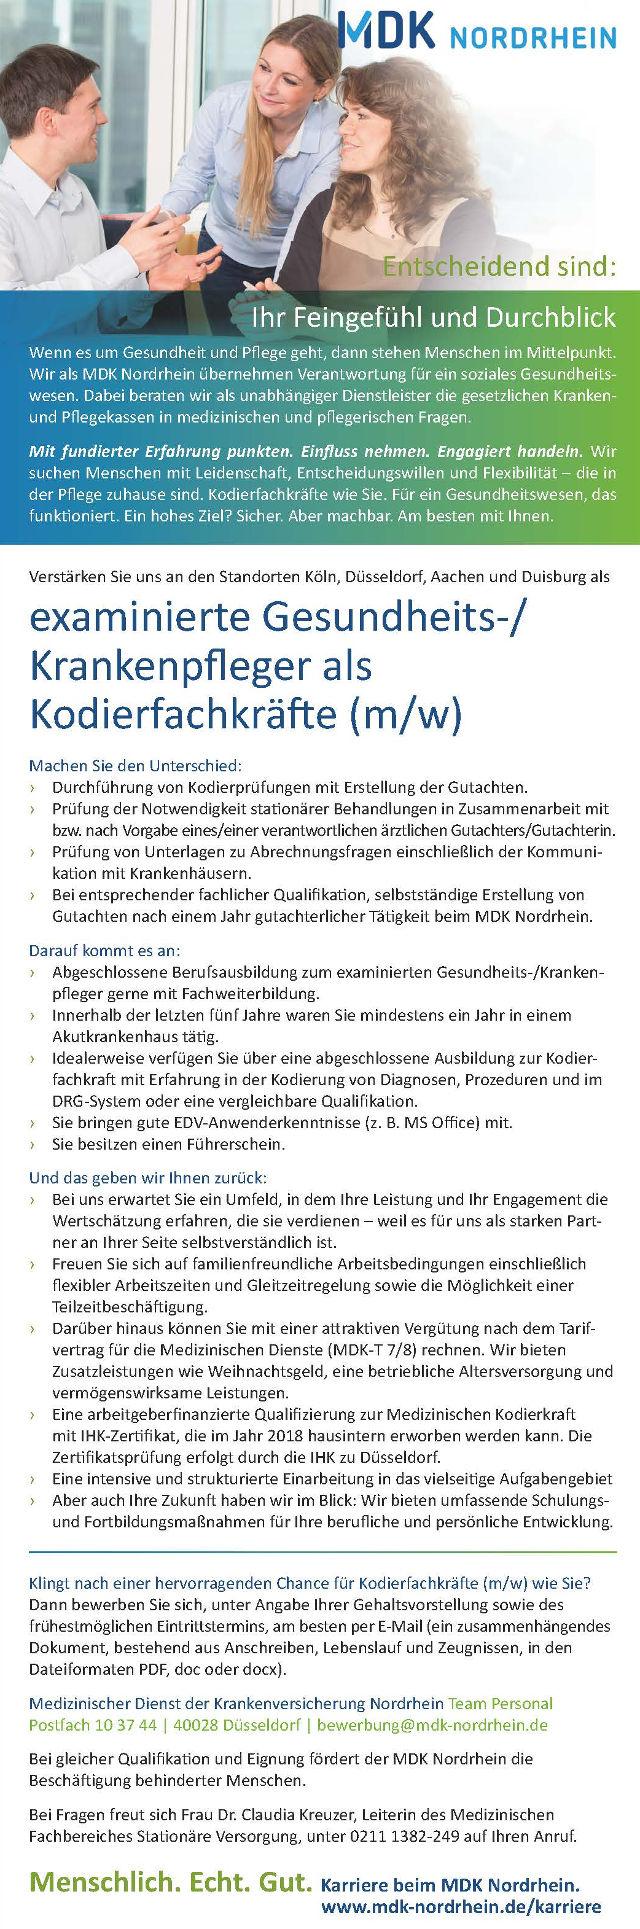 Medizinischer Dienst der Krankenversicherung Nordrhein, Düsseldorf: Examinierte Gesundheits-/Krankenpfleger als Kodierfachkräfte (m/w)